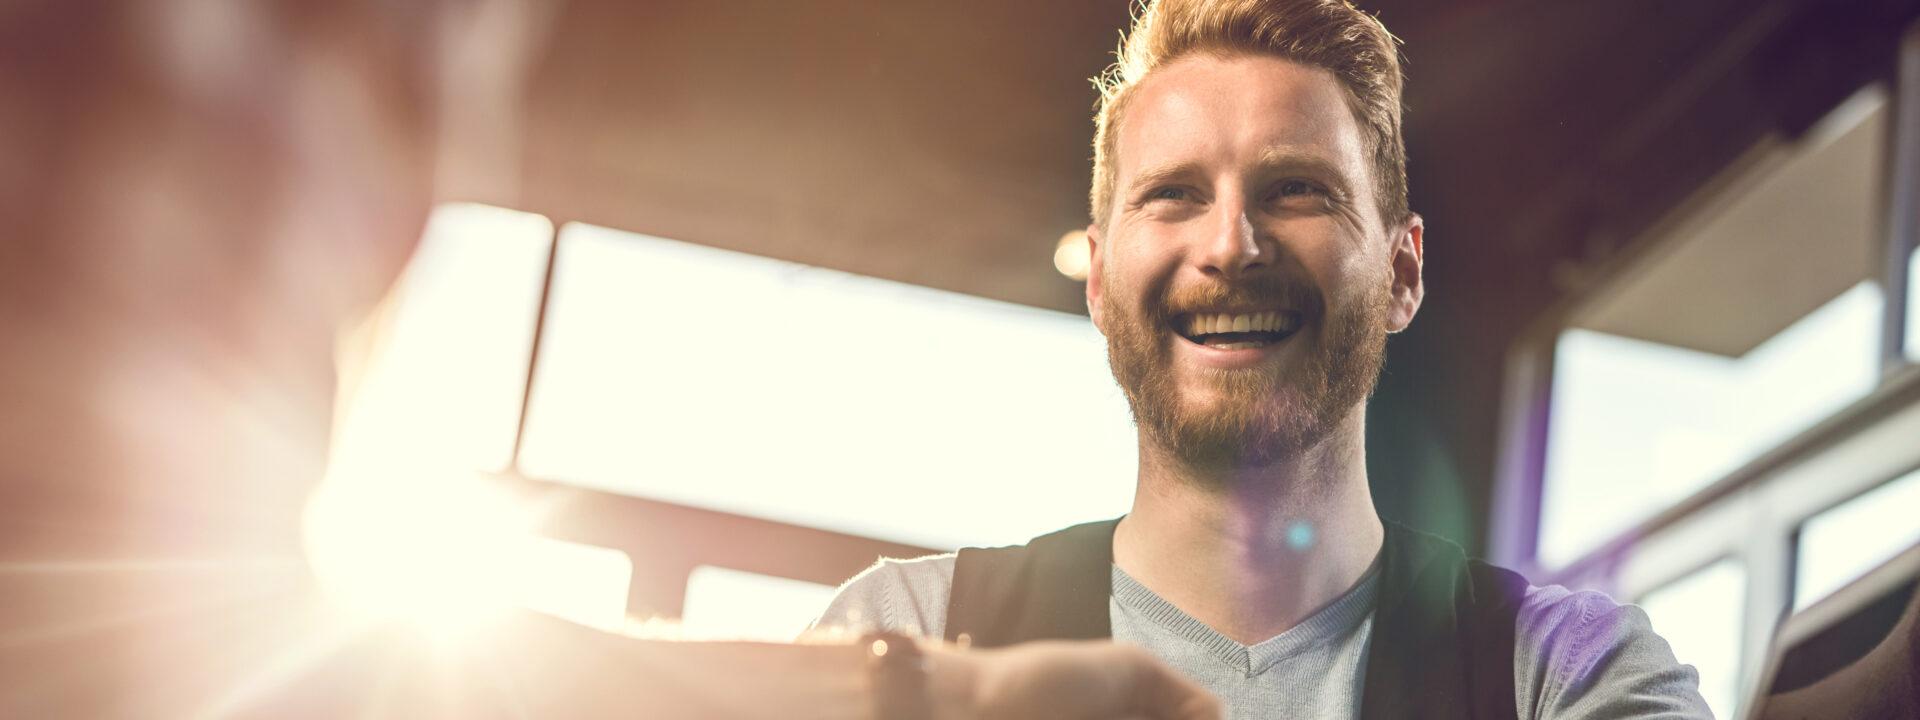 Hospitality & strategie: 3 tips voor ultieme gastvrijheid